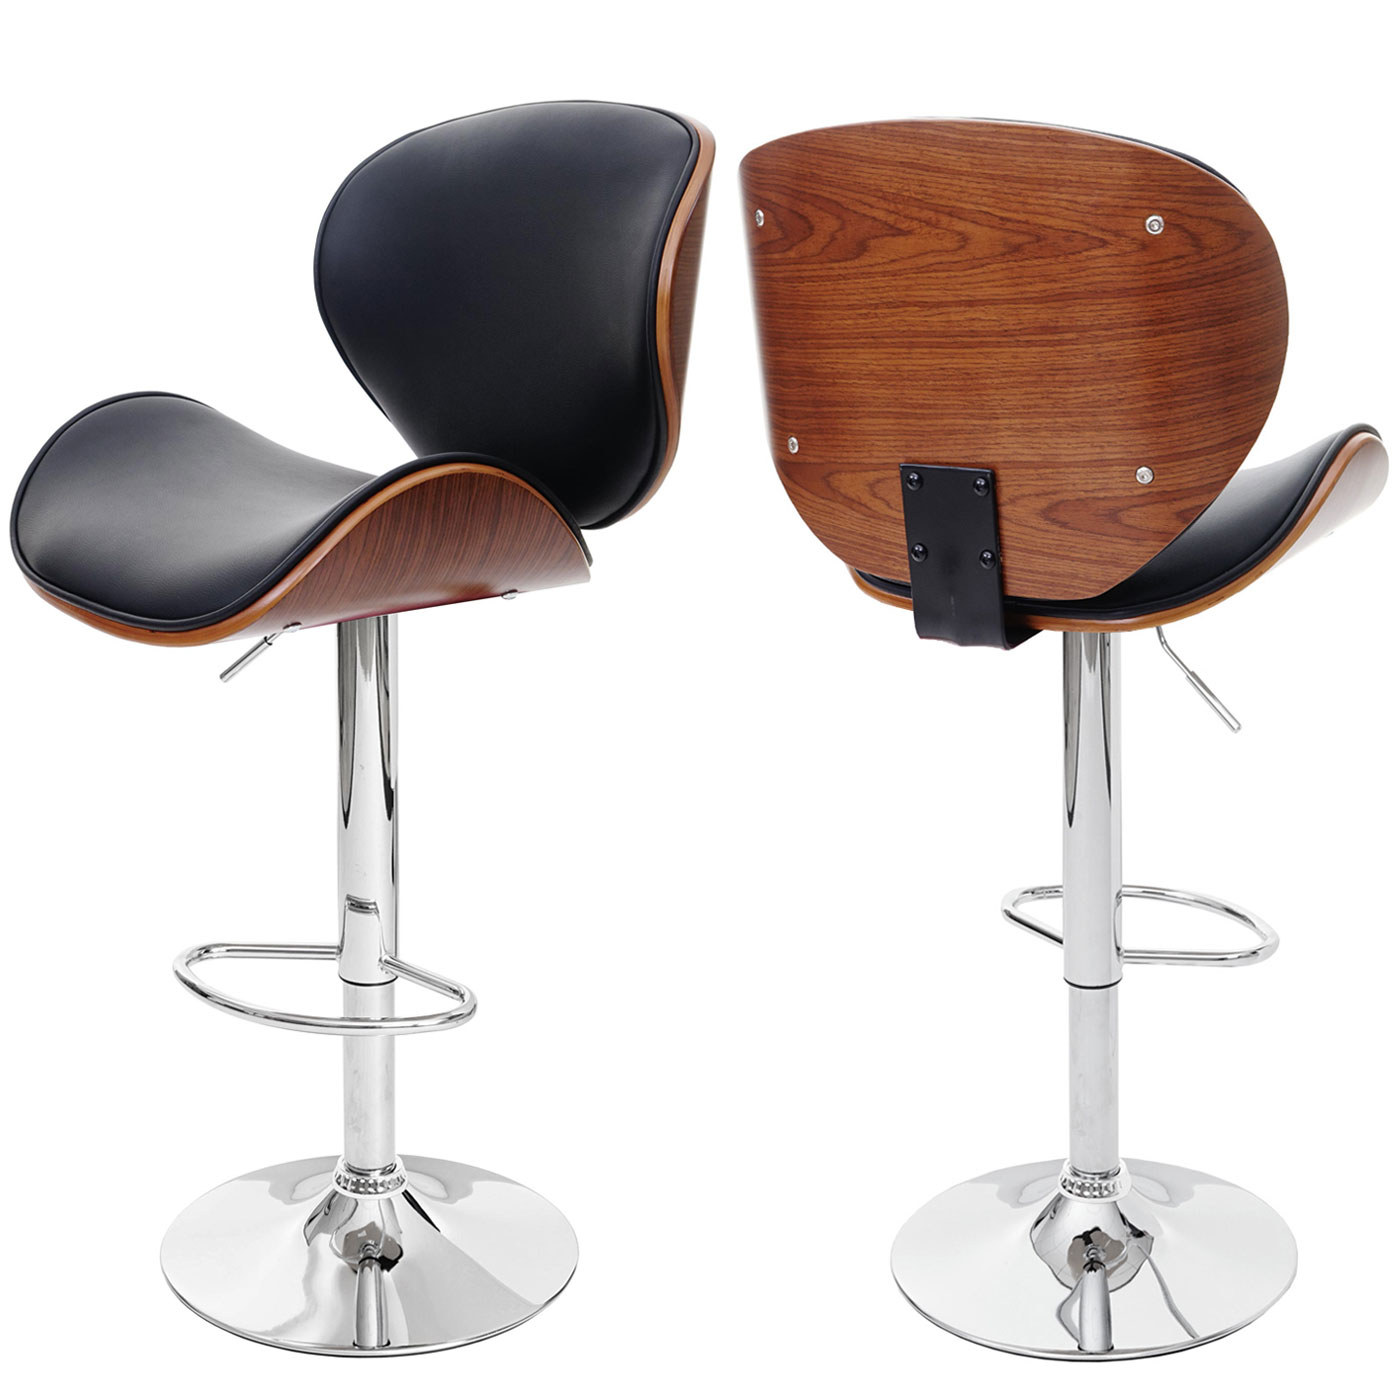 barhocker foxrock barstuhl holz bugholz retro design walnuss optik schwarz. Black Bedroom Furniture Sets. Home Design Ideas